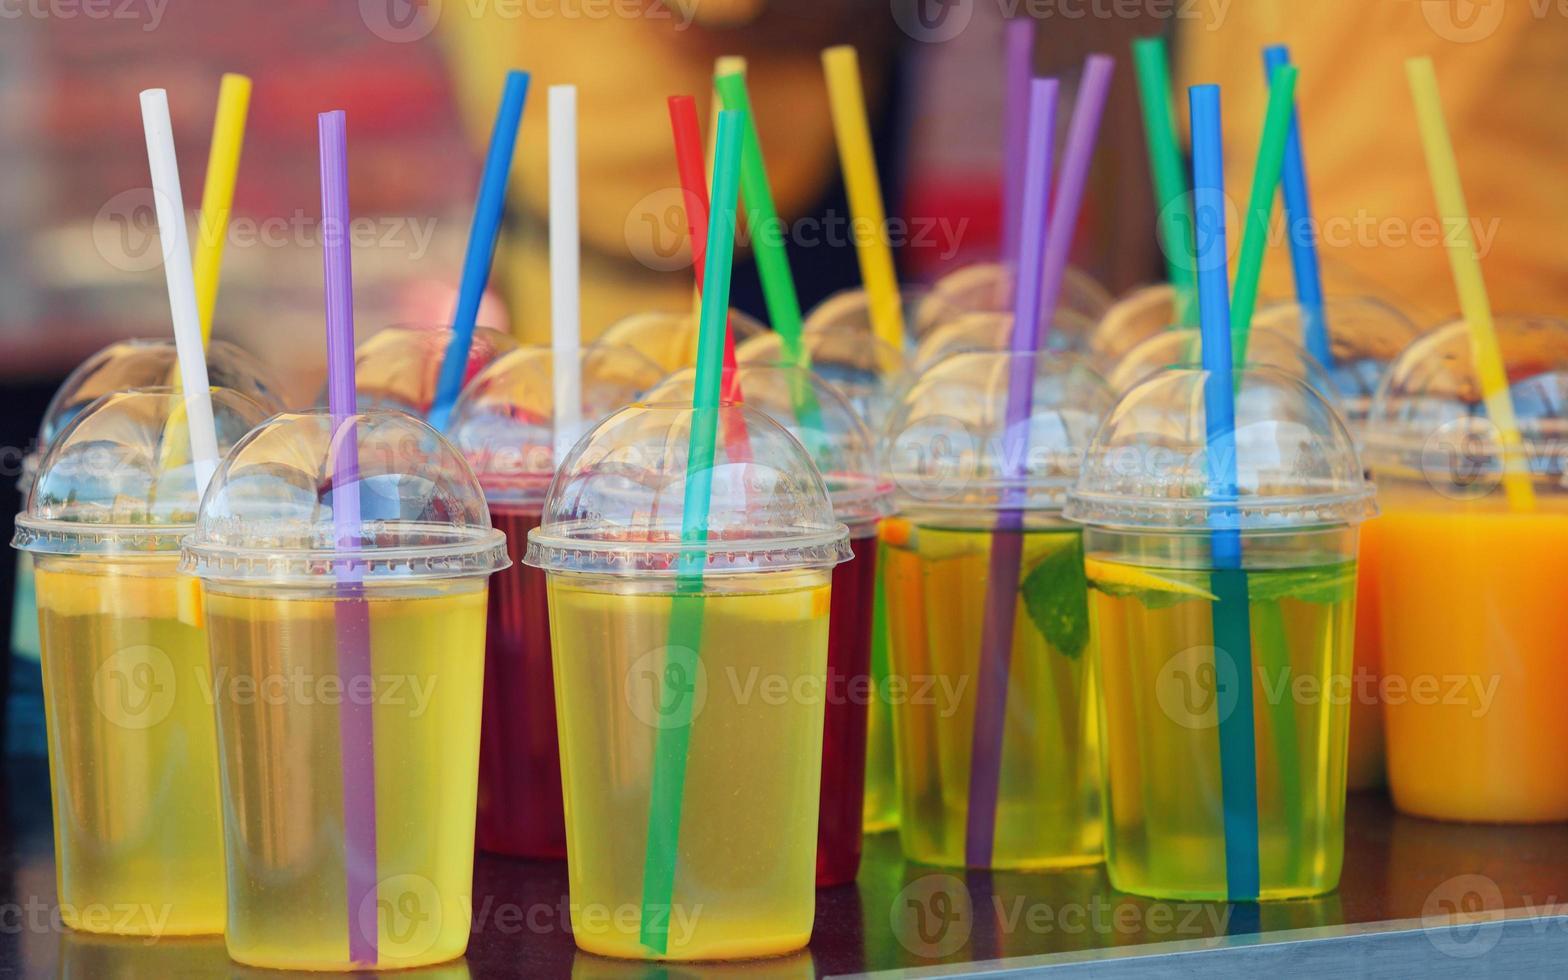 bebida vívida en vasos de plástico foto